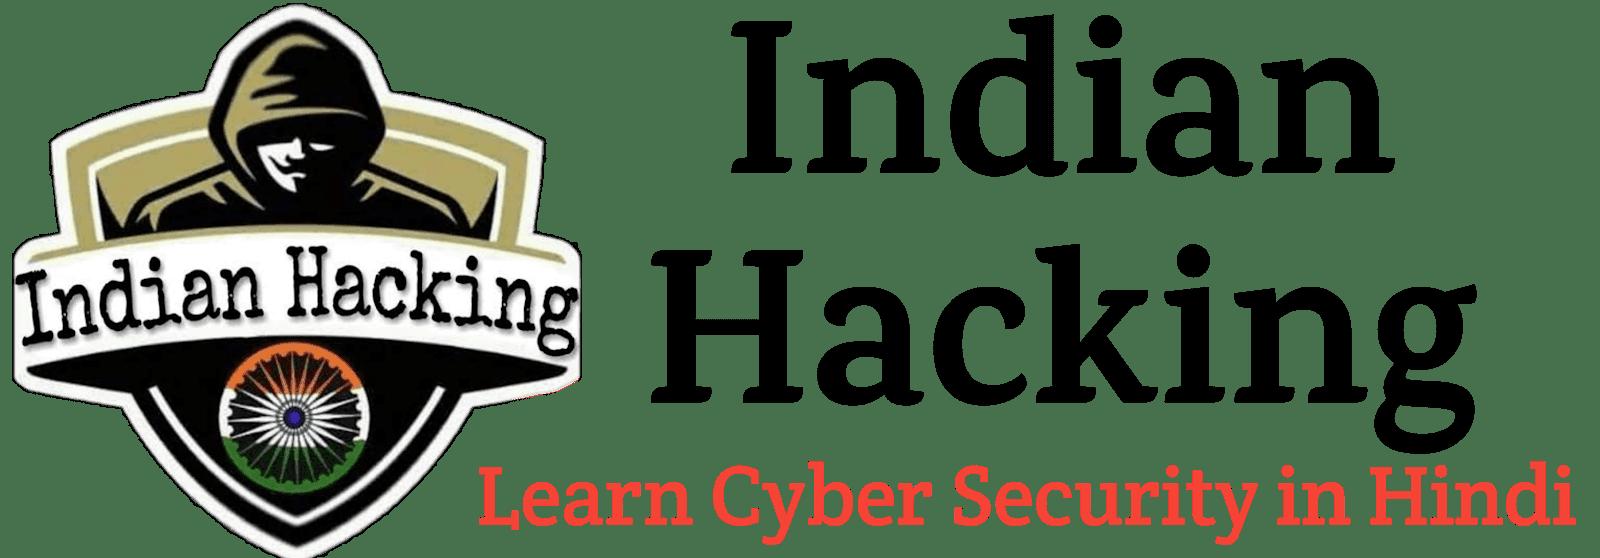 Indian Hacking